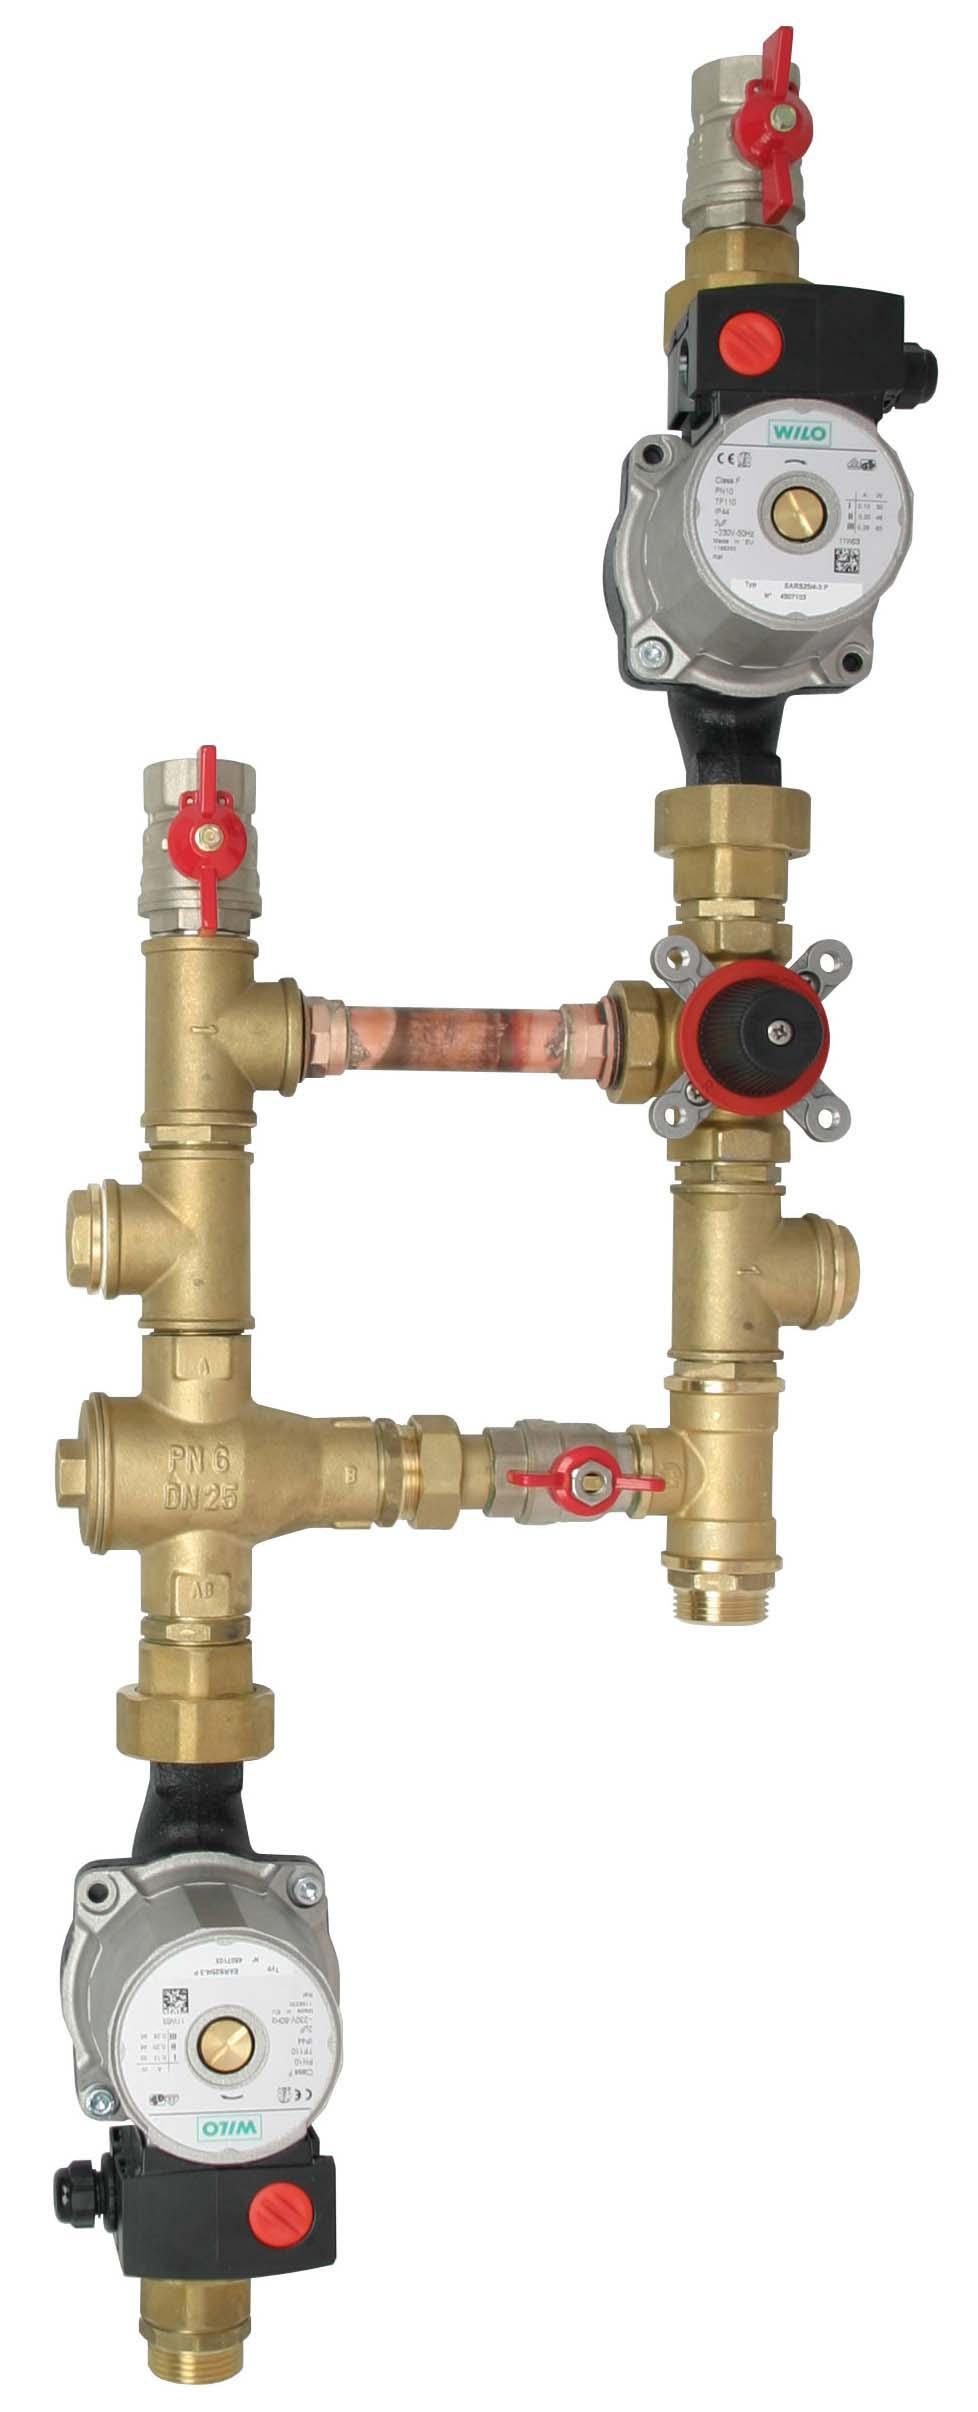 Čerpadlová skupina CS TSV MIX 55, pro kotel a topný systém s akum. nád